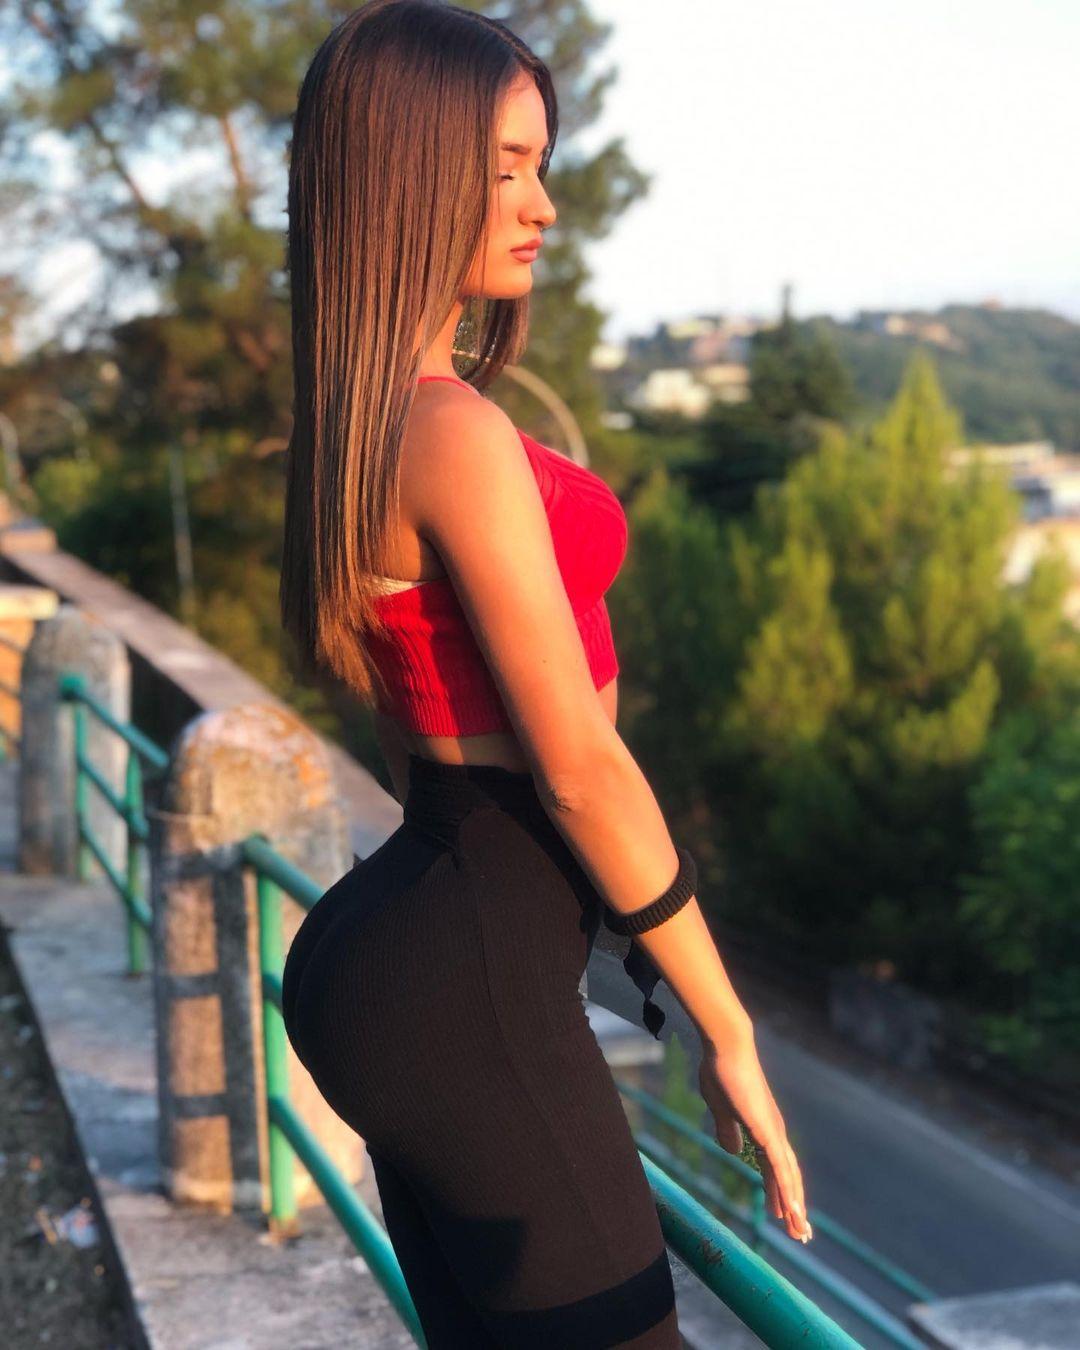 Giulia-Corrado-Wallpapers-Insta-Fit-Bio-7